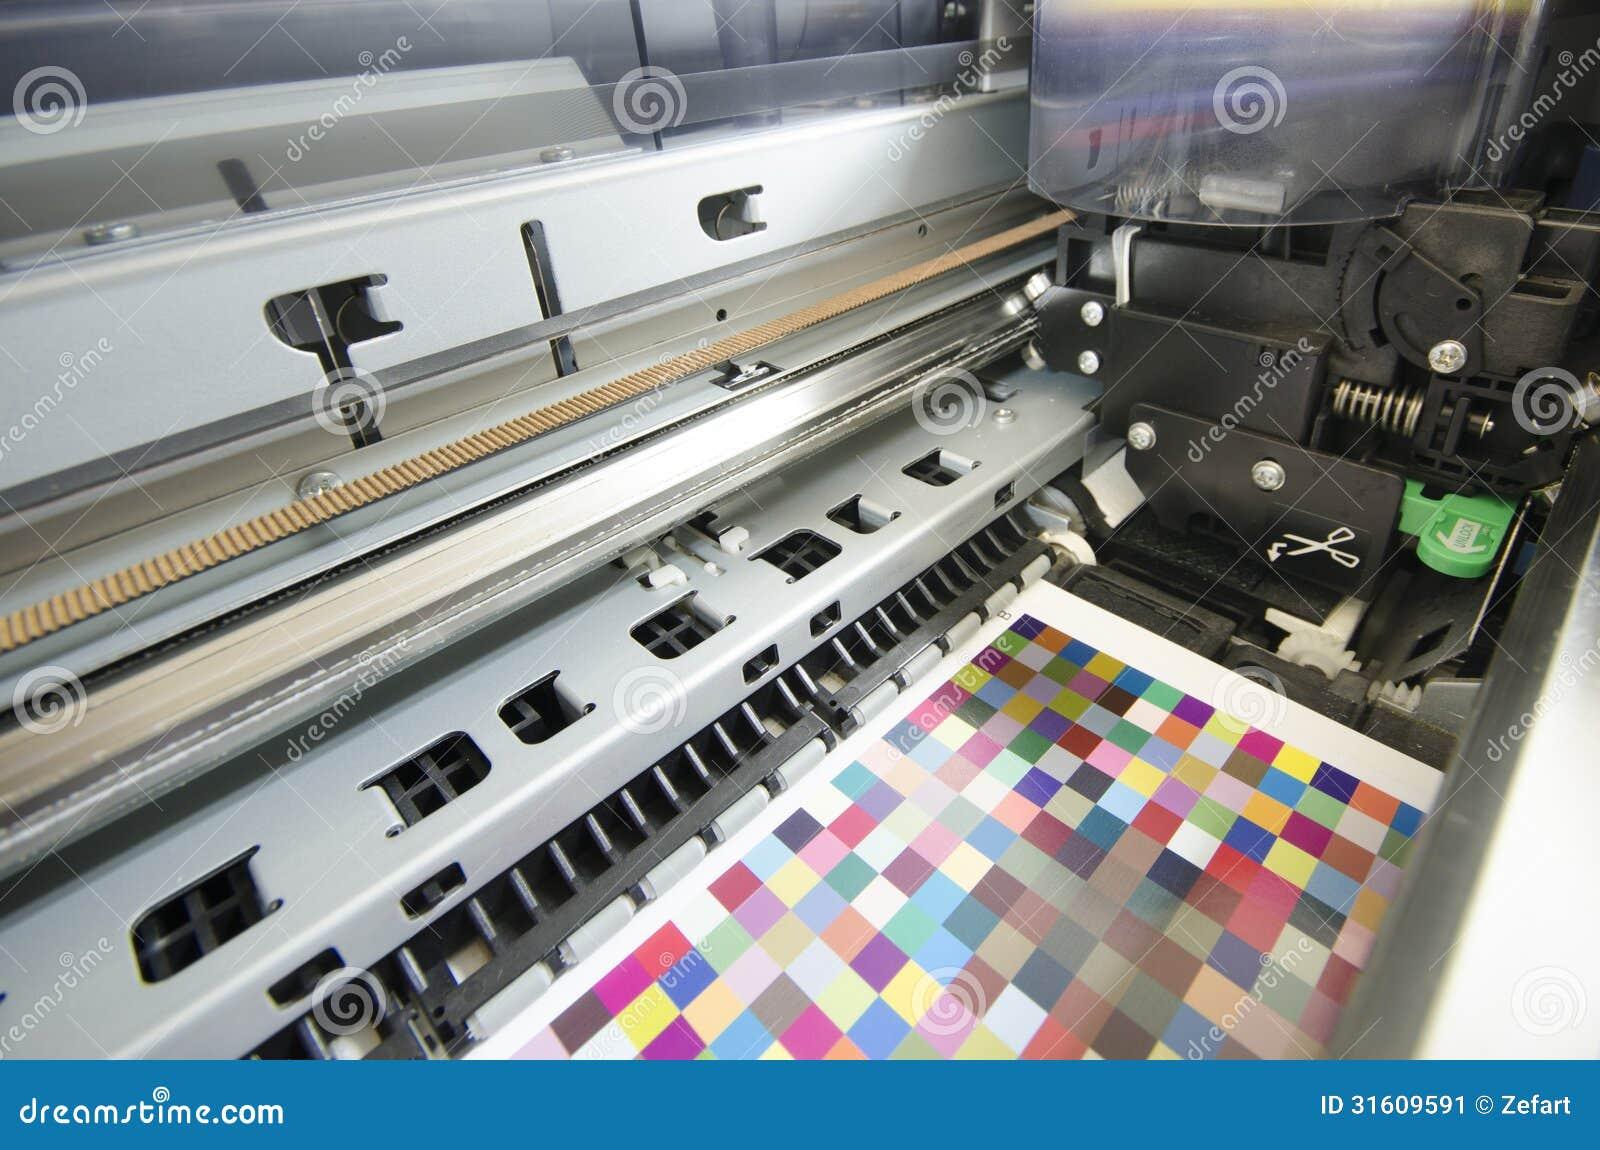 Trycket shoppar, den inre bläckstråleskrivaren för det stora formatet